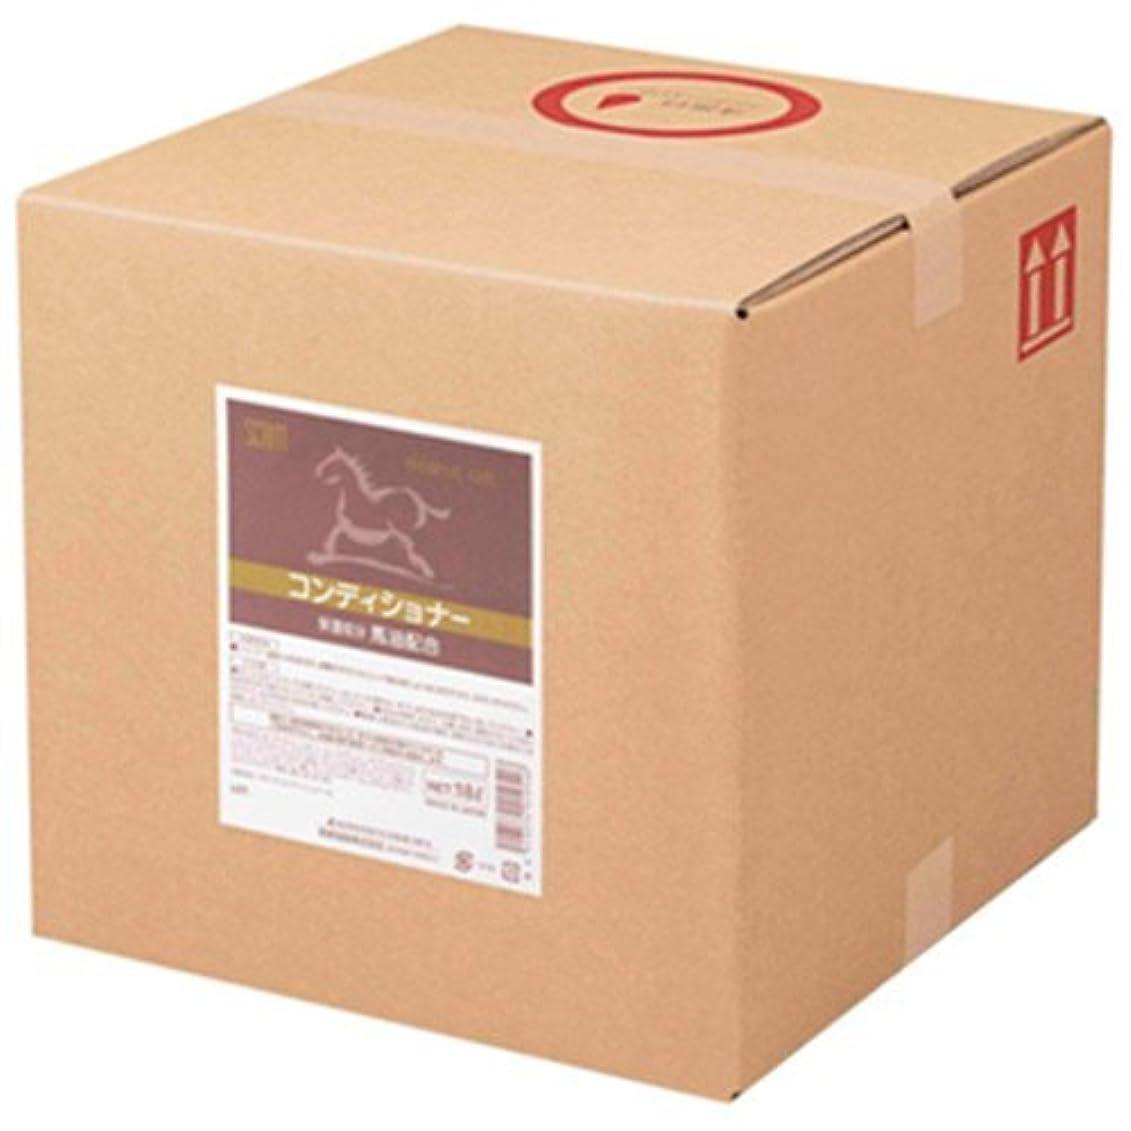 業務用 SCRITT(スクリット) 馬油コンディショナー 18L 熊野油脂 (コック無し)